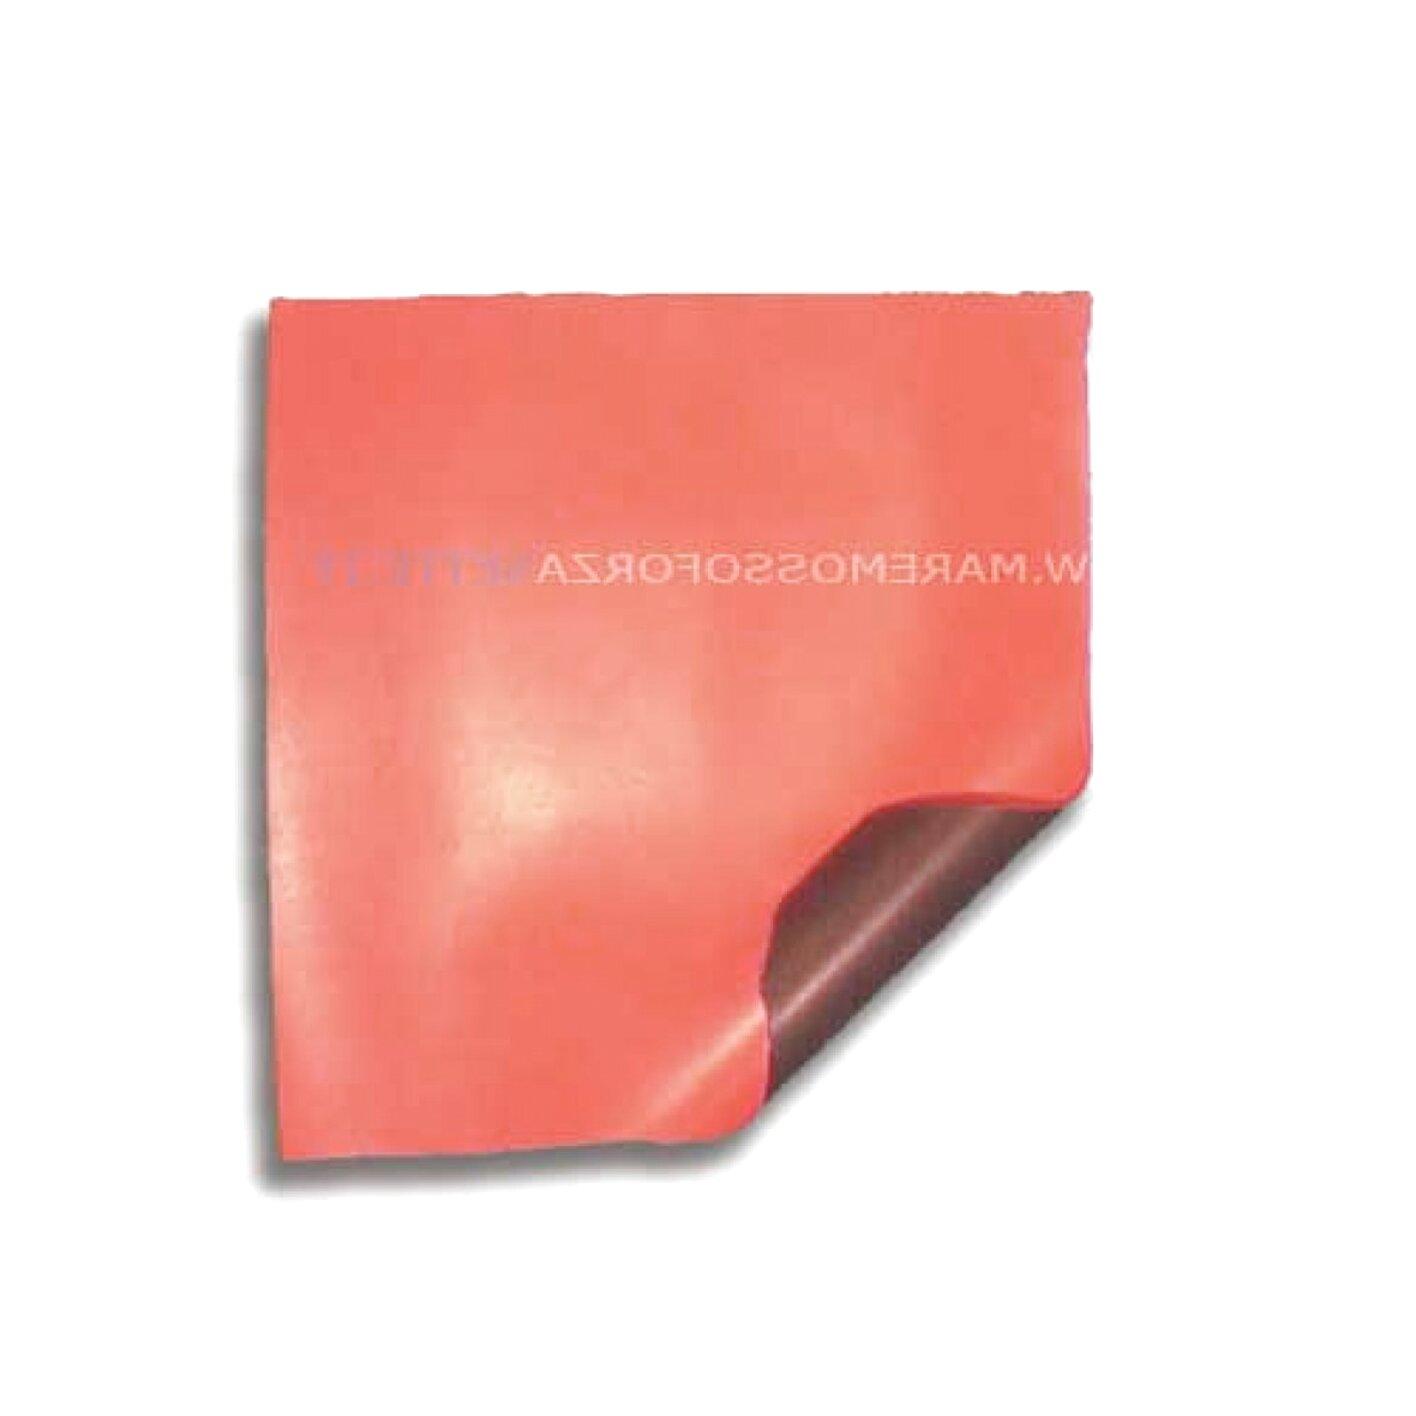 TESSUTO IN PVC PER RIPARAZIONE GOMMONI NERO 300X300 MM